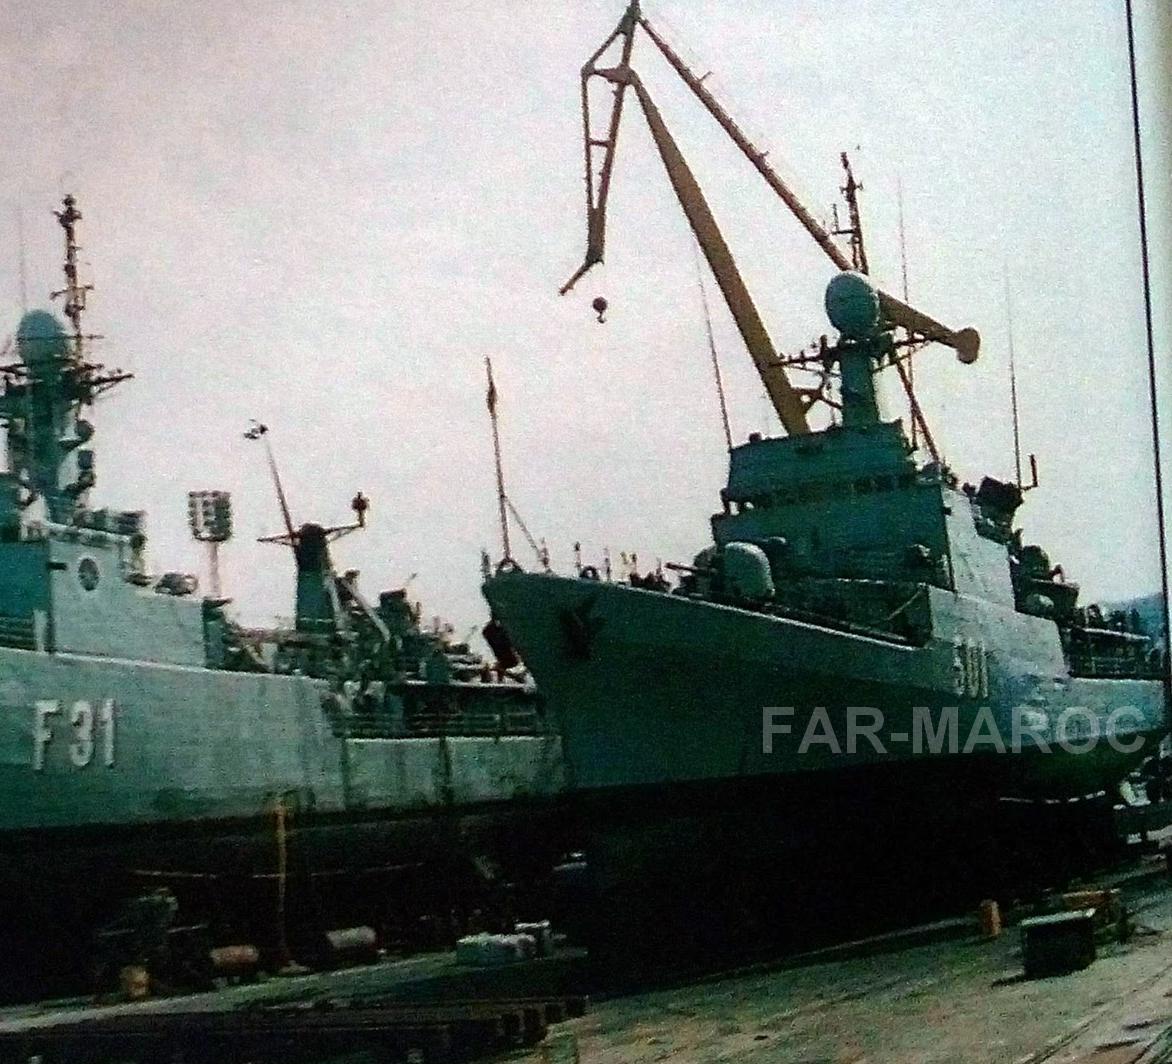 Royal Moroccan Navy Descubierta Frigate / Patrouilleur Océanique Lt Cl Errahmani - Bâtiment École - Page 4 49273444687_dee683d476_o